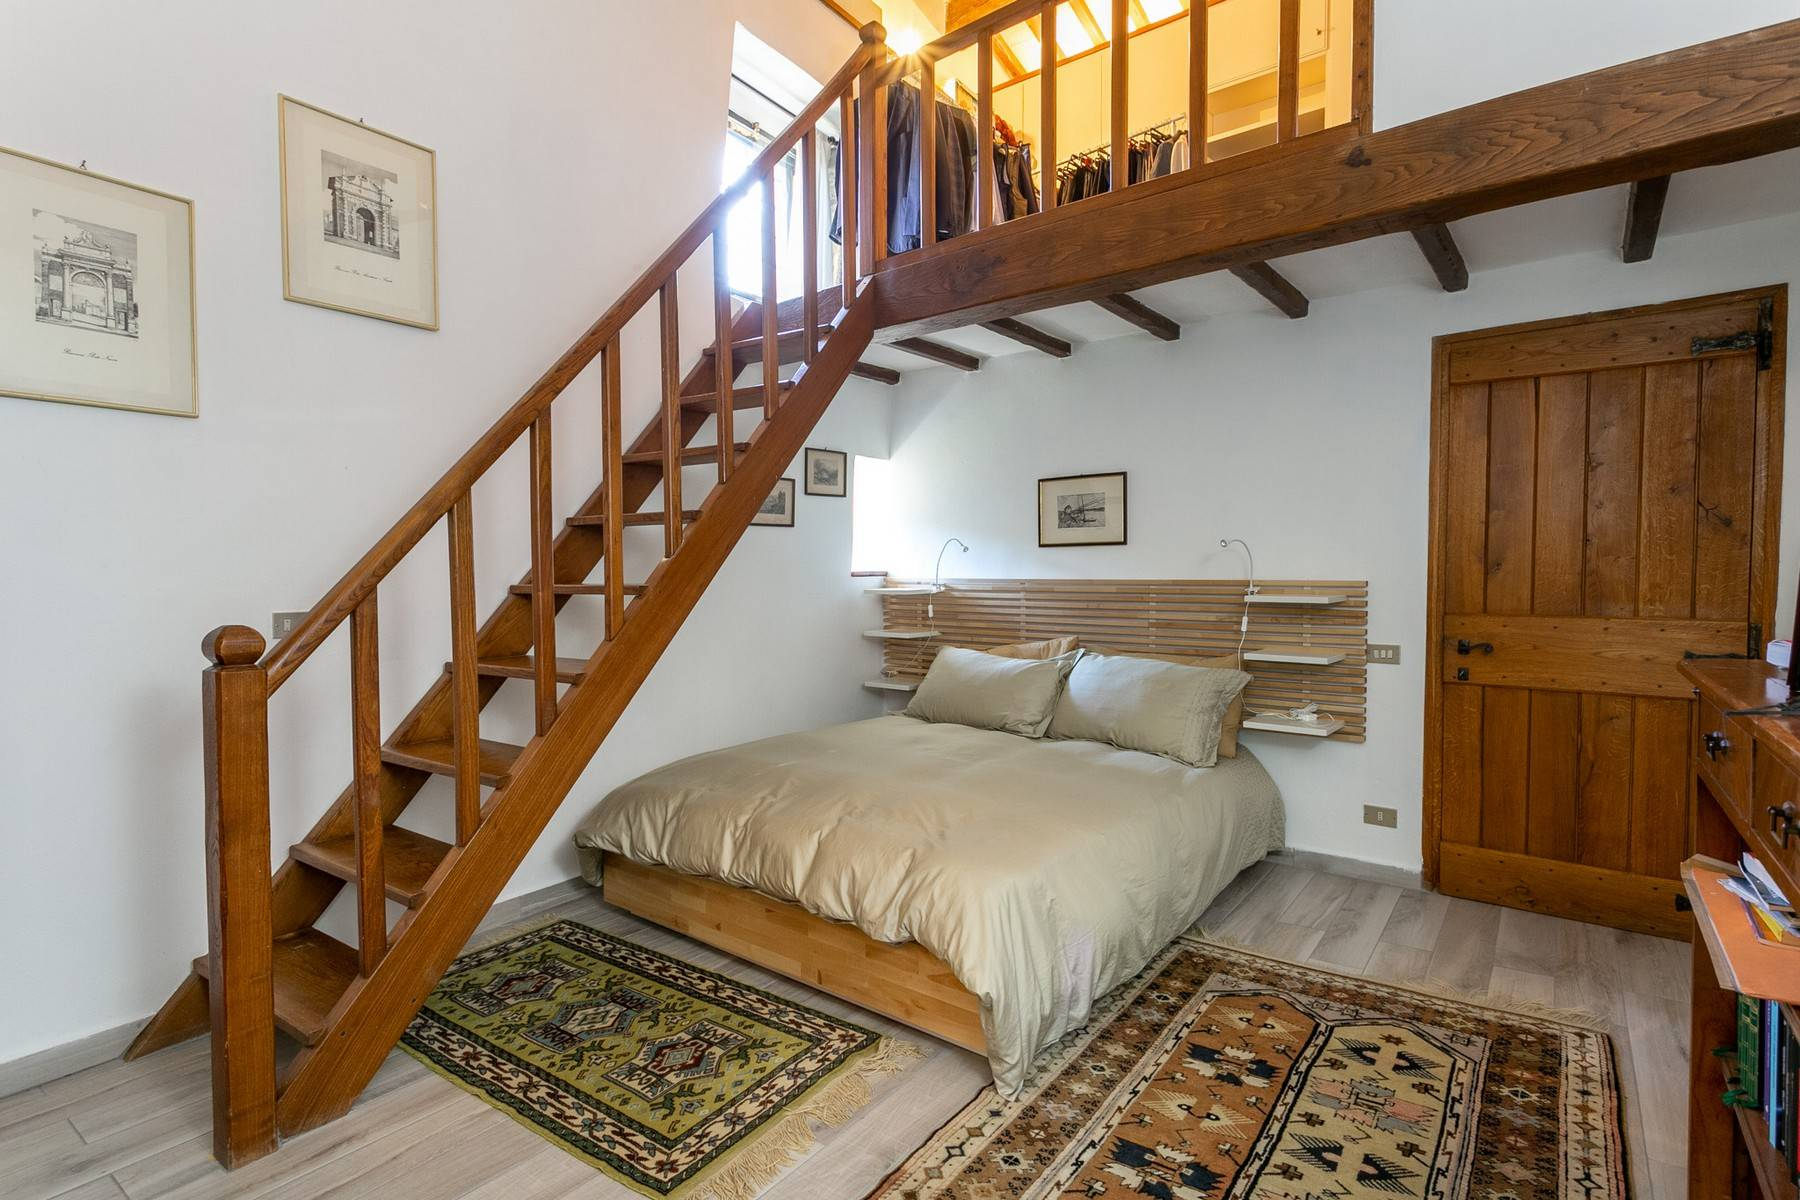 Villa in Vendita a Bagno A Ripoli: 5 locali, 240 mq - Foto 17